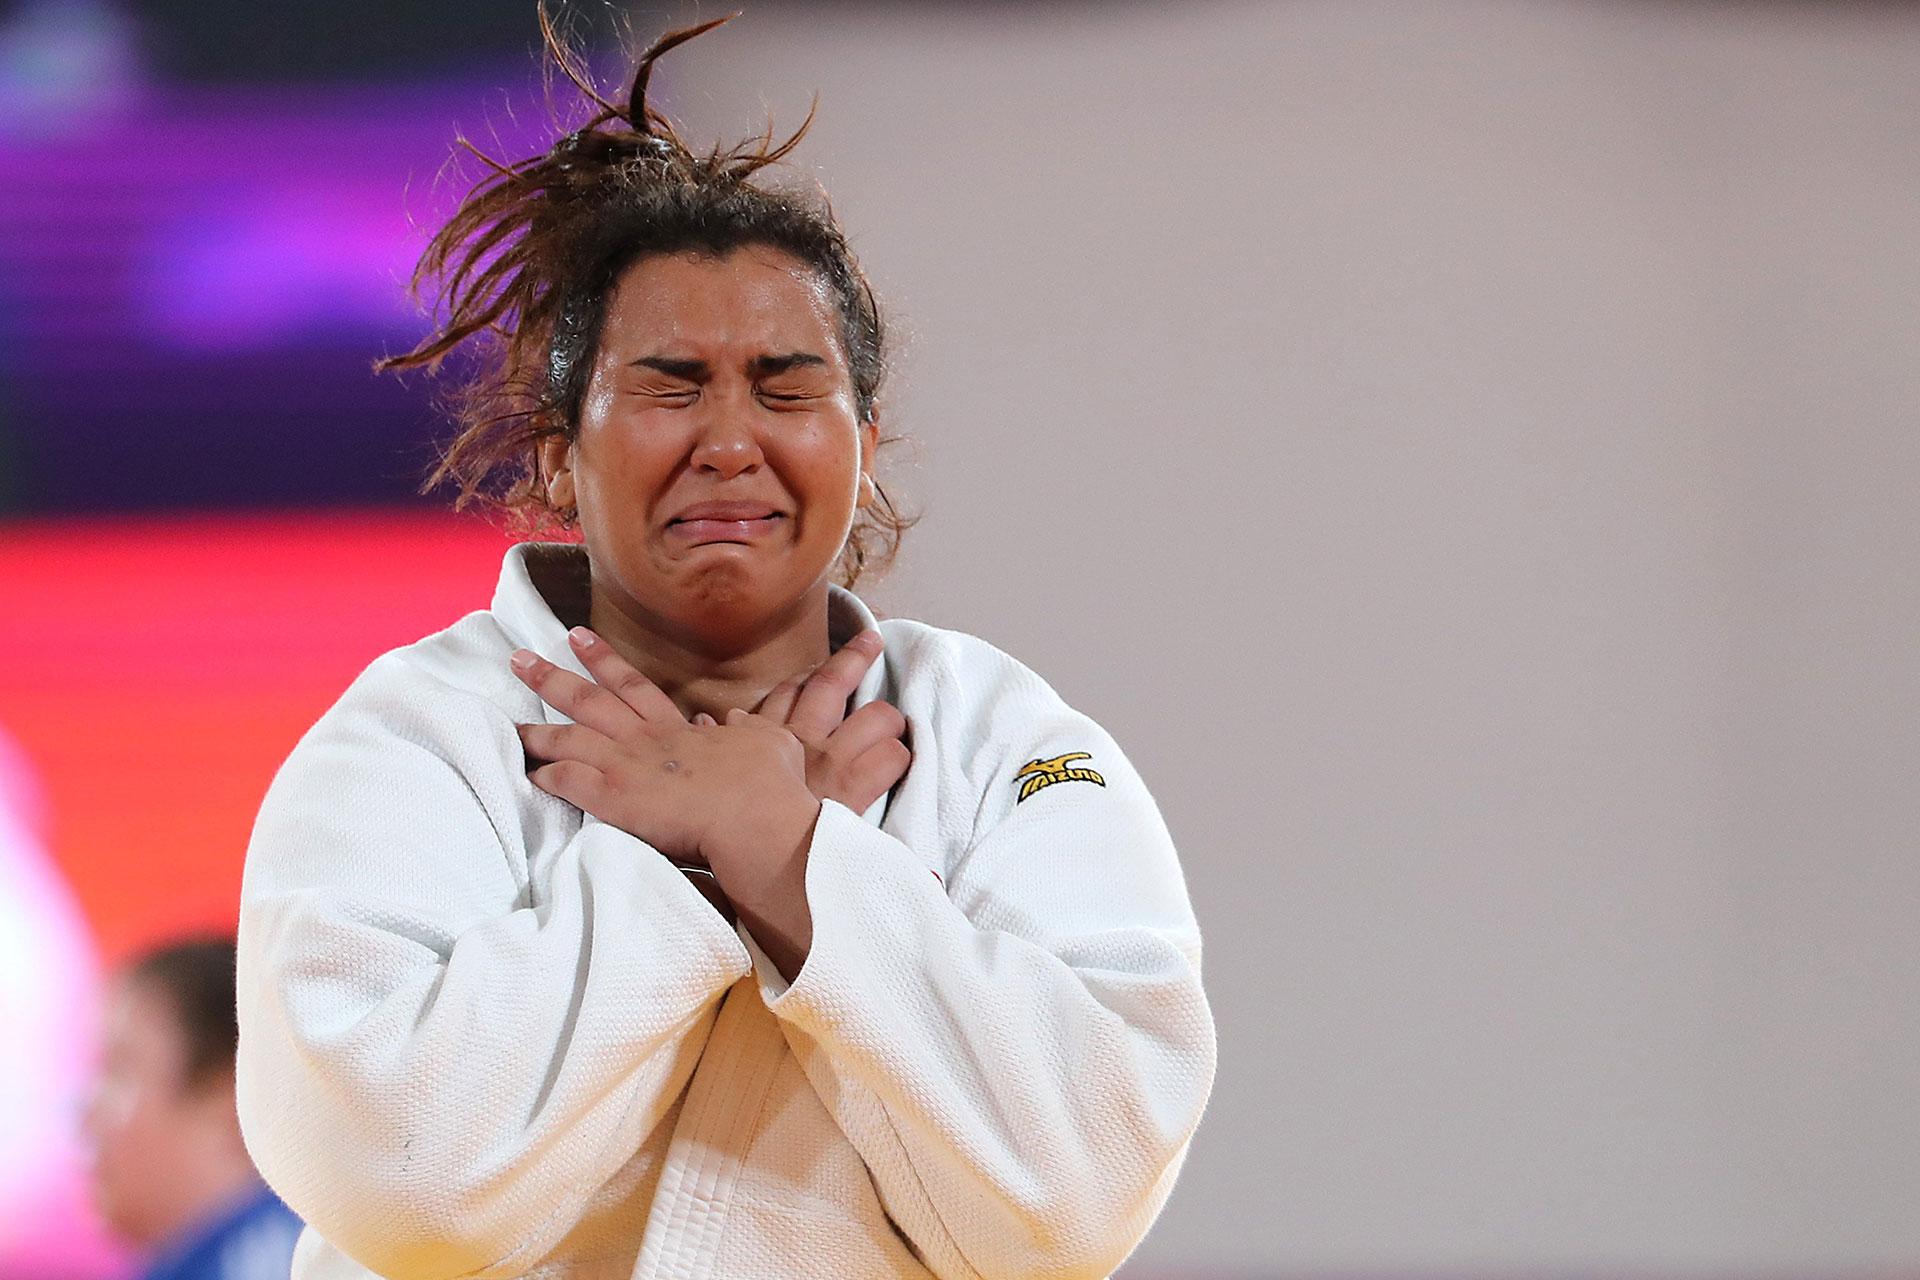 La emoción de la peruana Yuliana Bolivar al quedarse con el bronce en judo